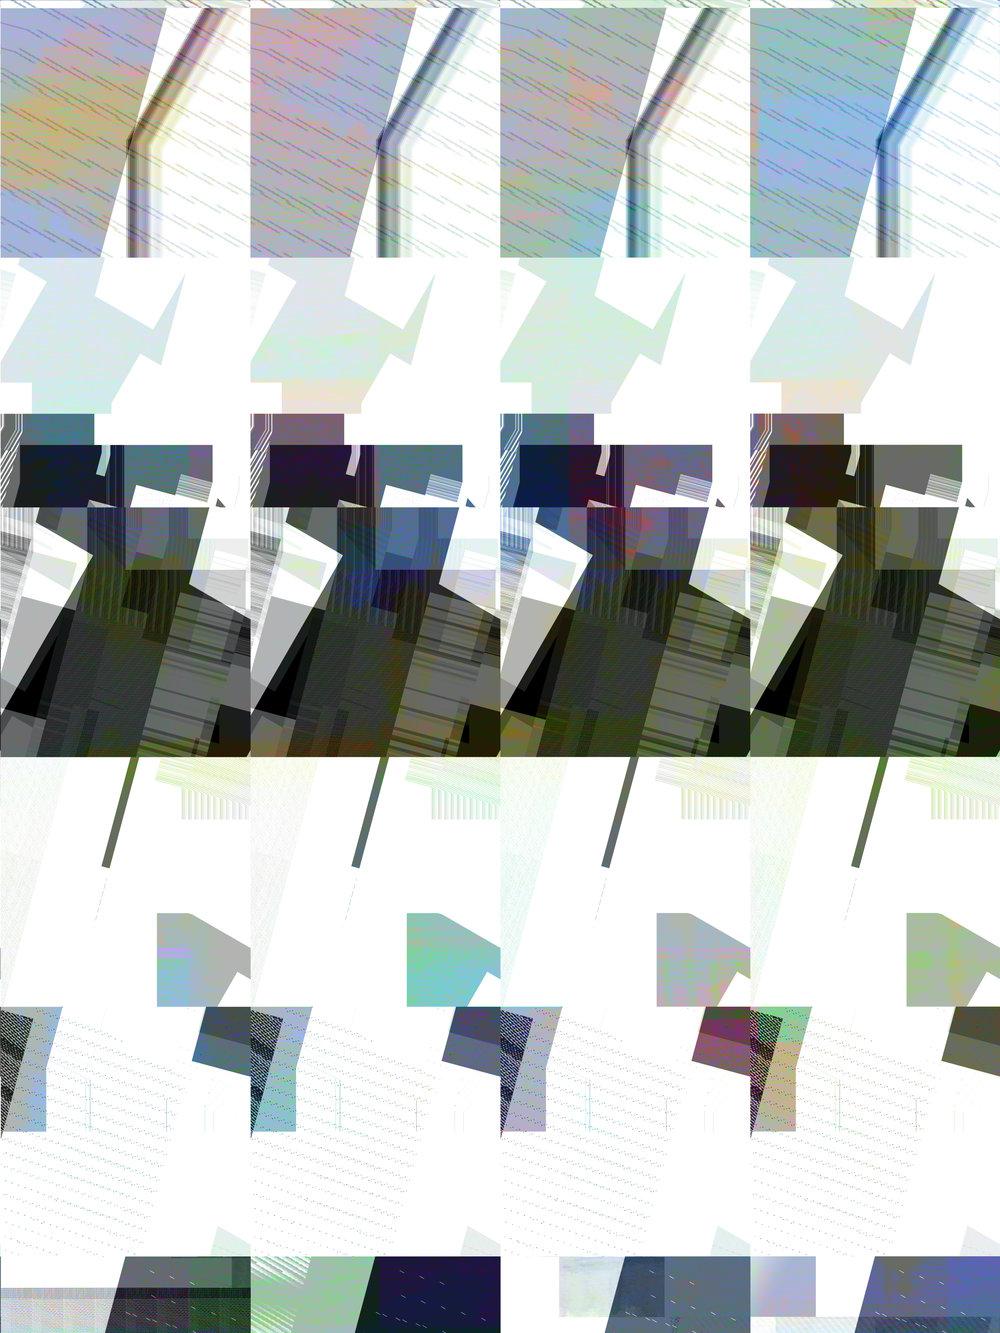 glitch_feb_2016_076.jpg